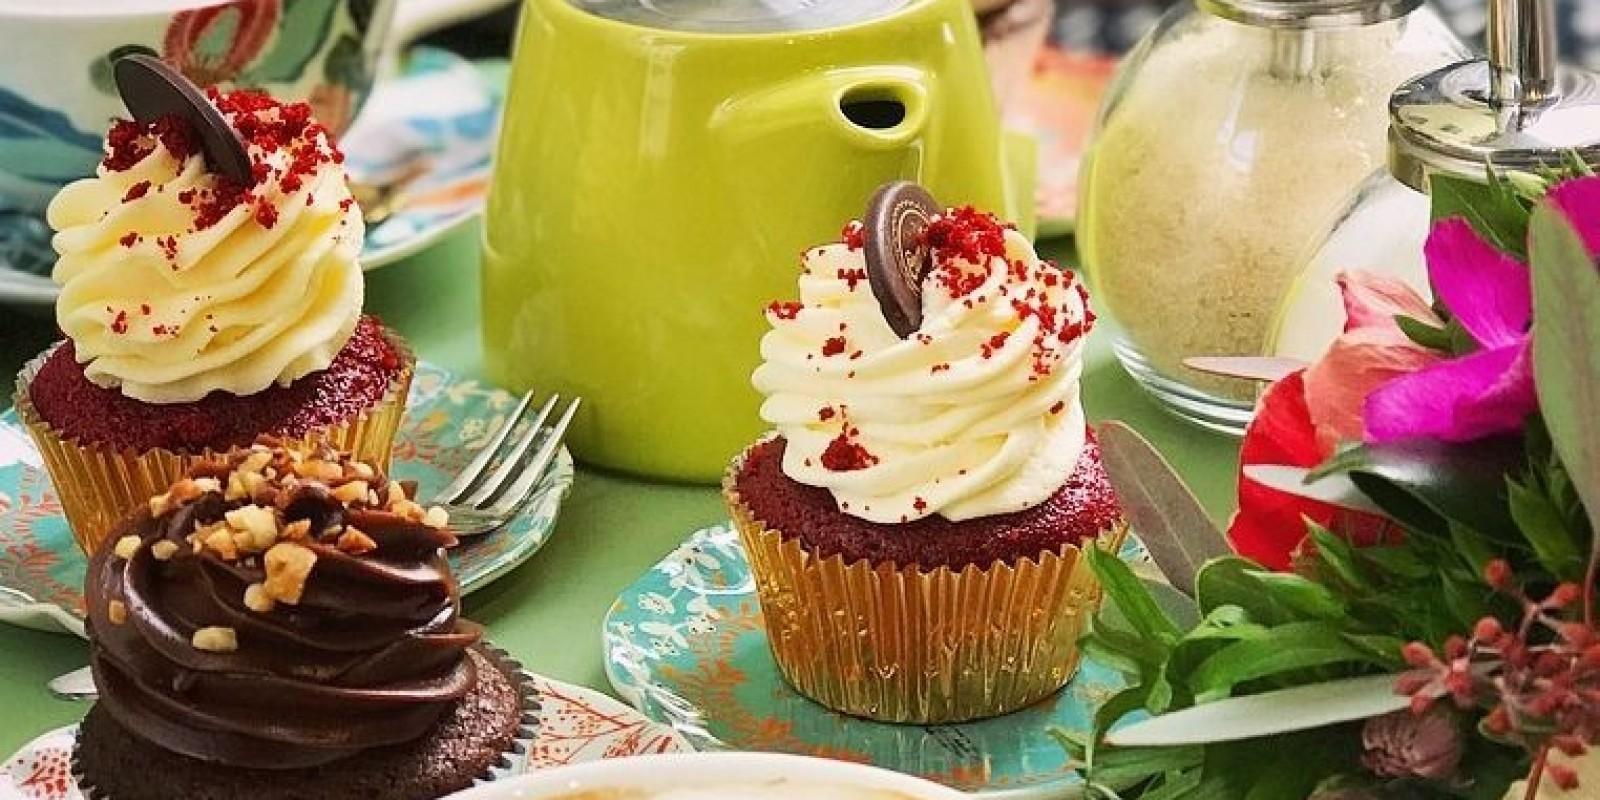 Articoli per dolci treviso